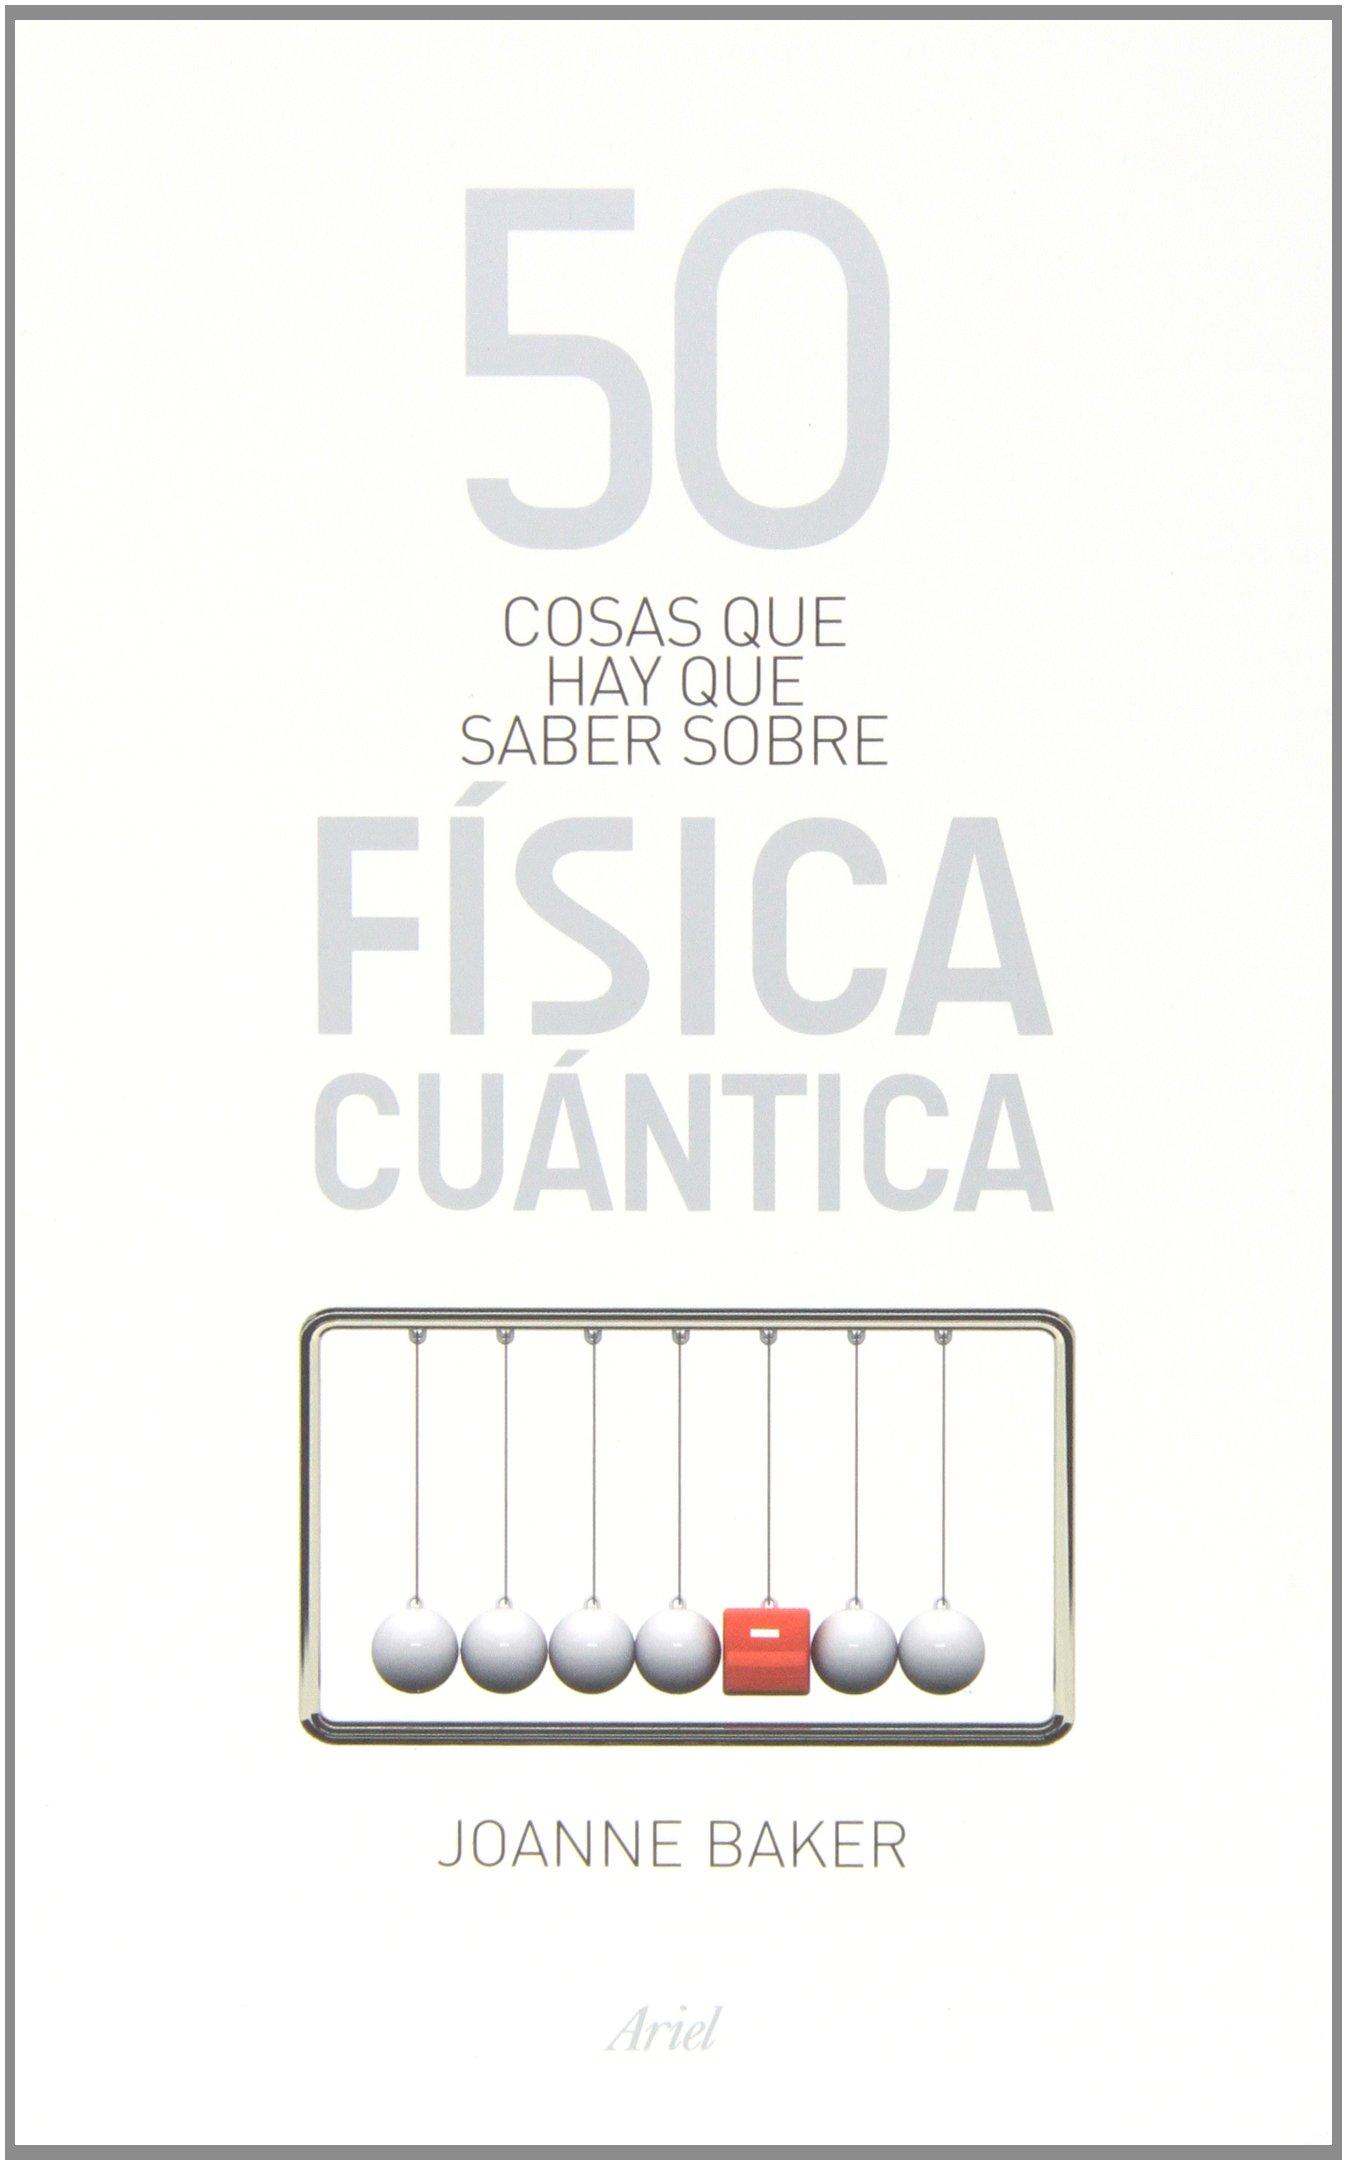 50 cosas que hay que saber sobre f?sica cu?ntica (Spanish) Paperback – 2013